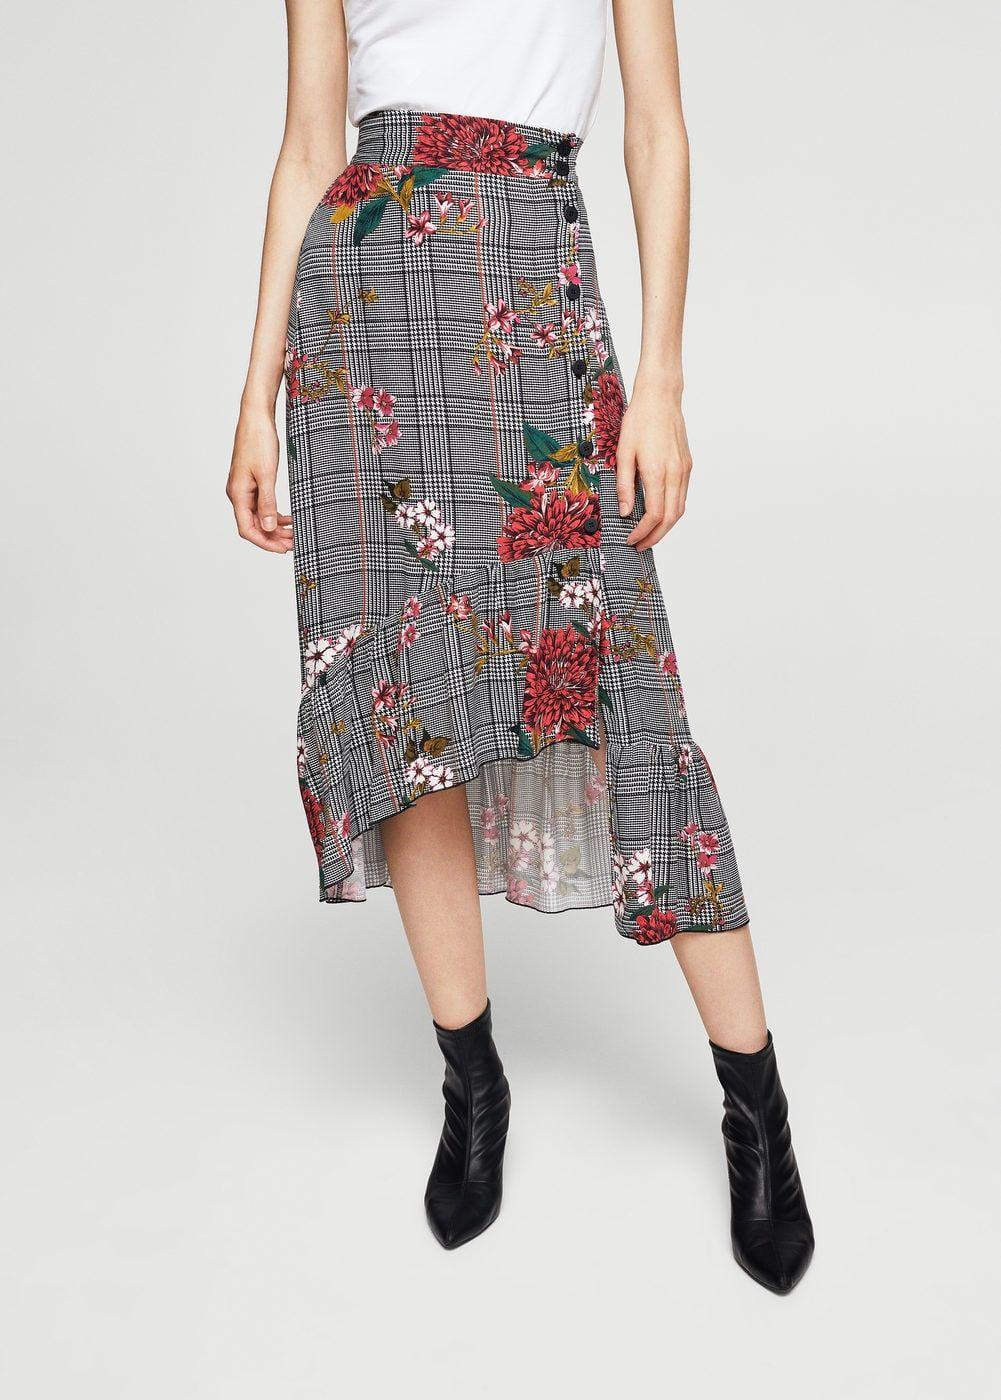 Falda príncipe de gales floral - Faldas de Mujer  bb1f21495c1b